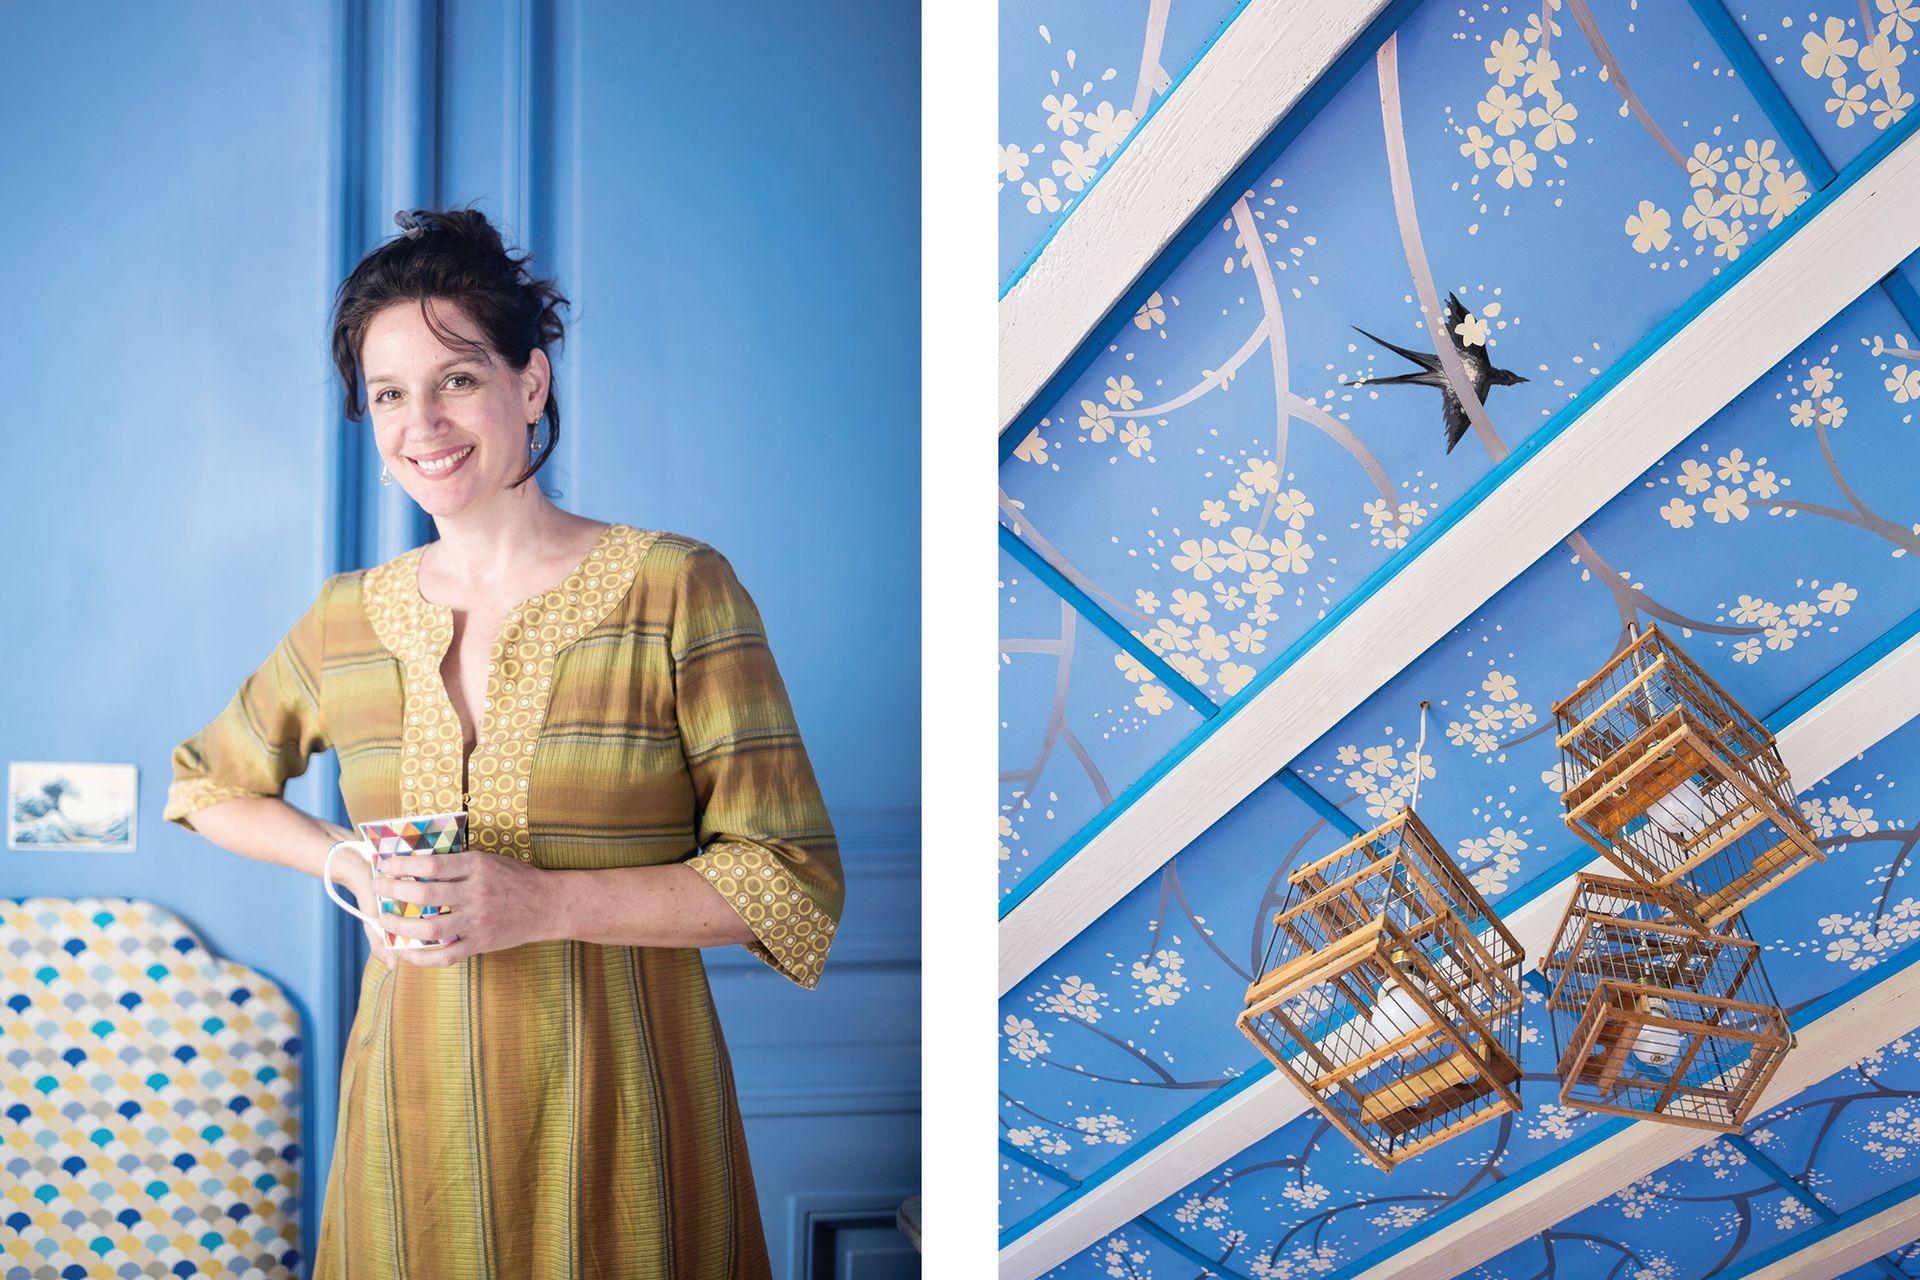 """El detalle del cuarto de una de sus hijas, """"Me parece fabuloso pintar el techo, una costumbre de siglos que ahora muy pocos practican""""."""